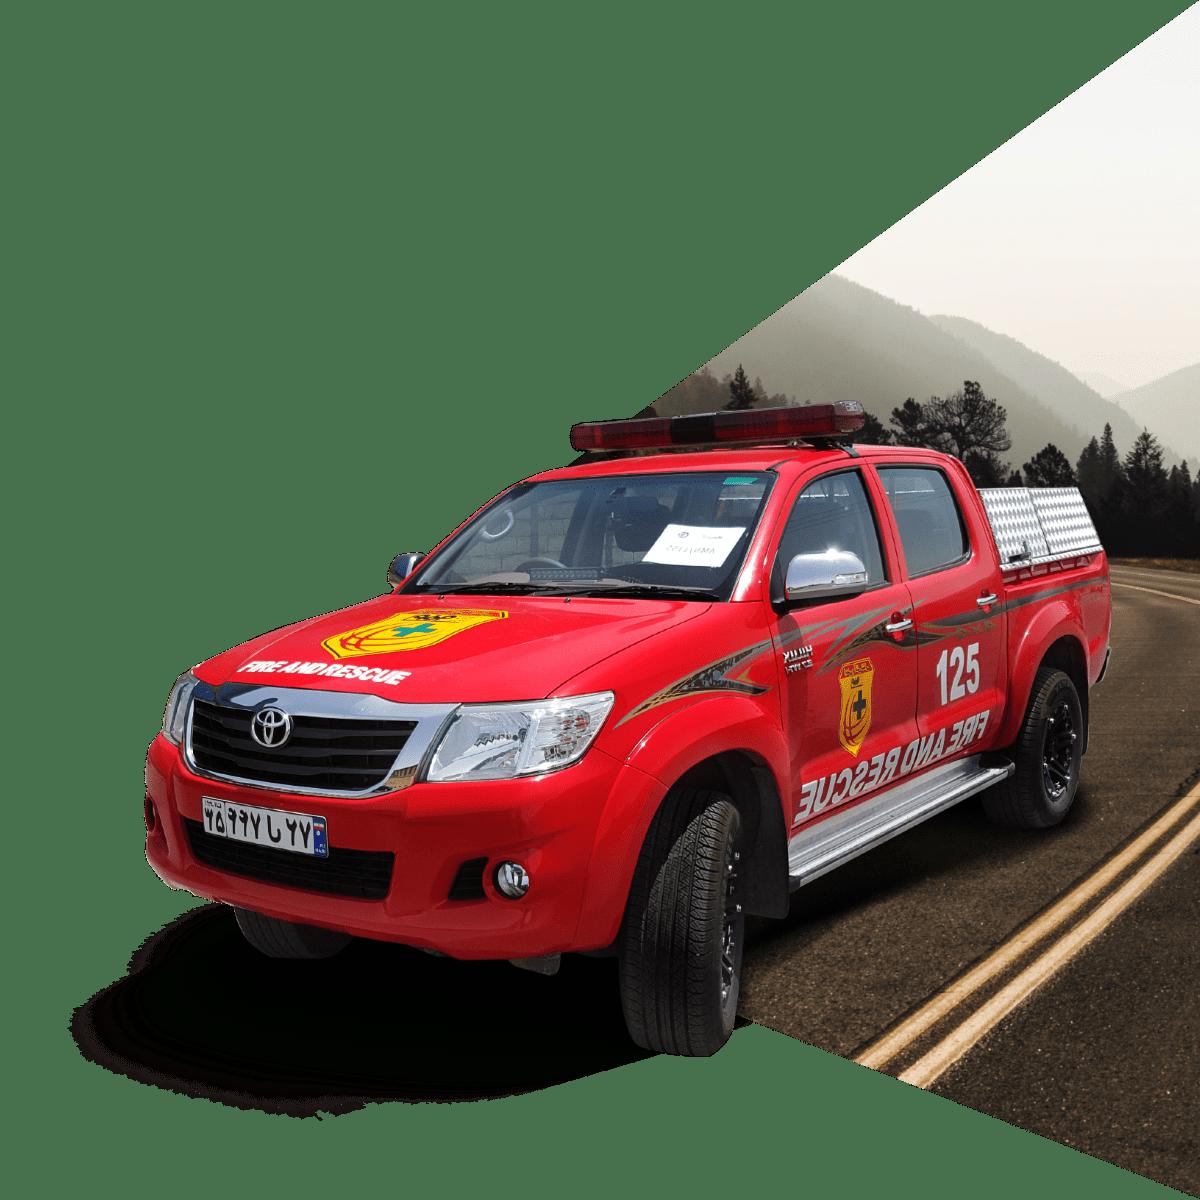 ماشین های آتش نشانی امداد و نجات | آتش مهاران نوین آریا